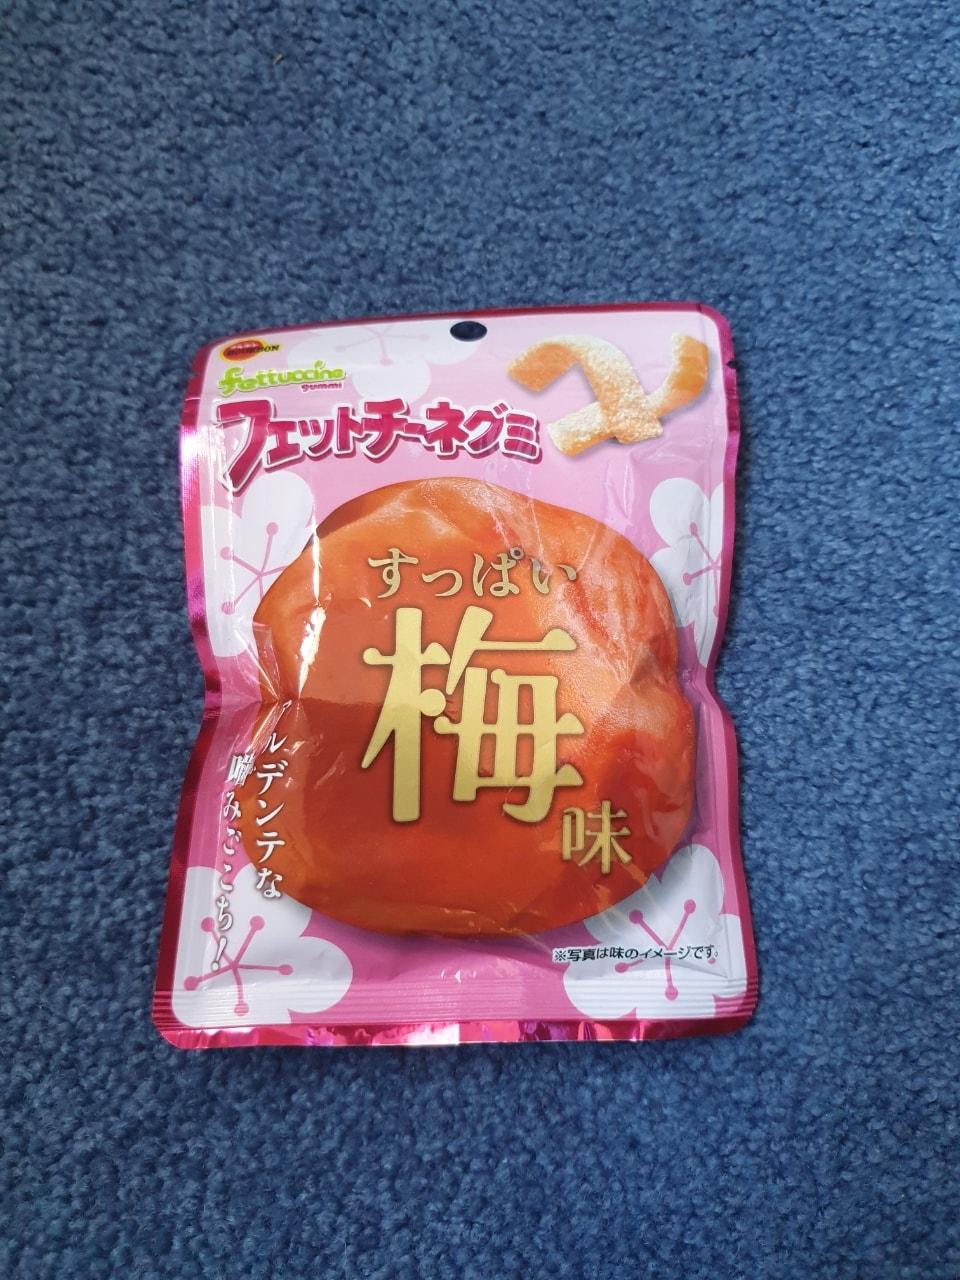 Sour gummies, Japanese plum flavour